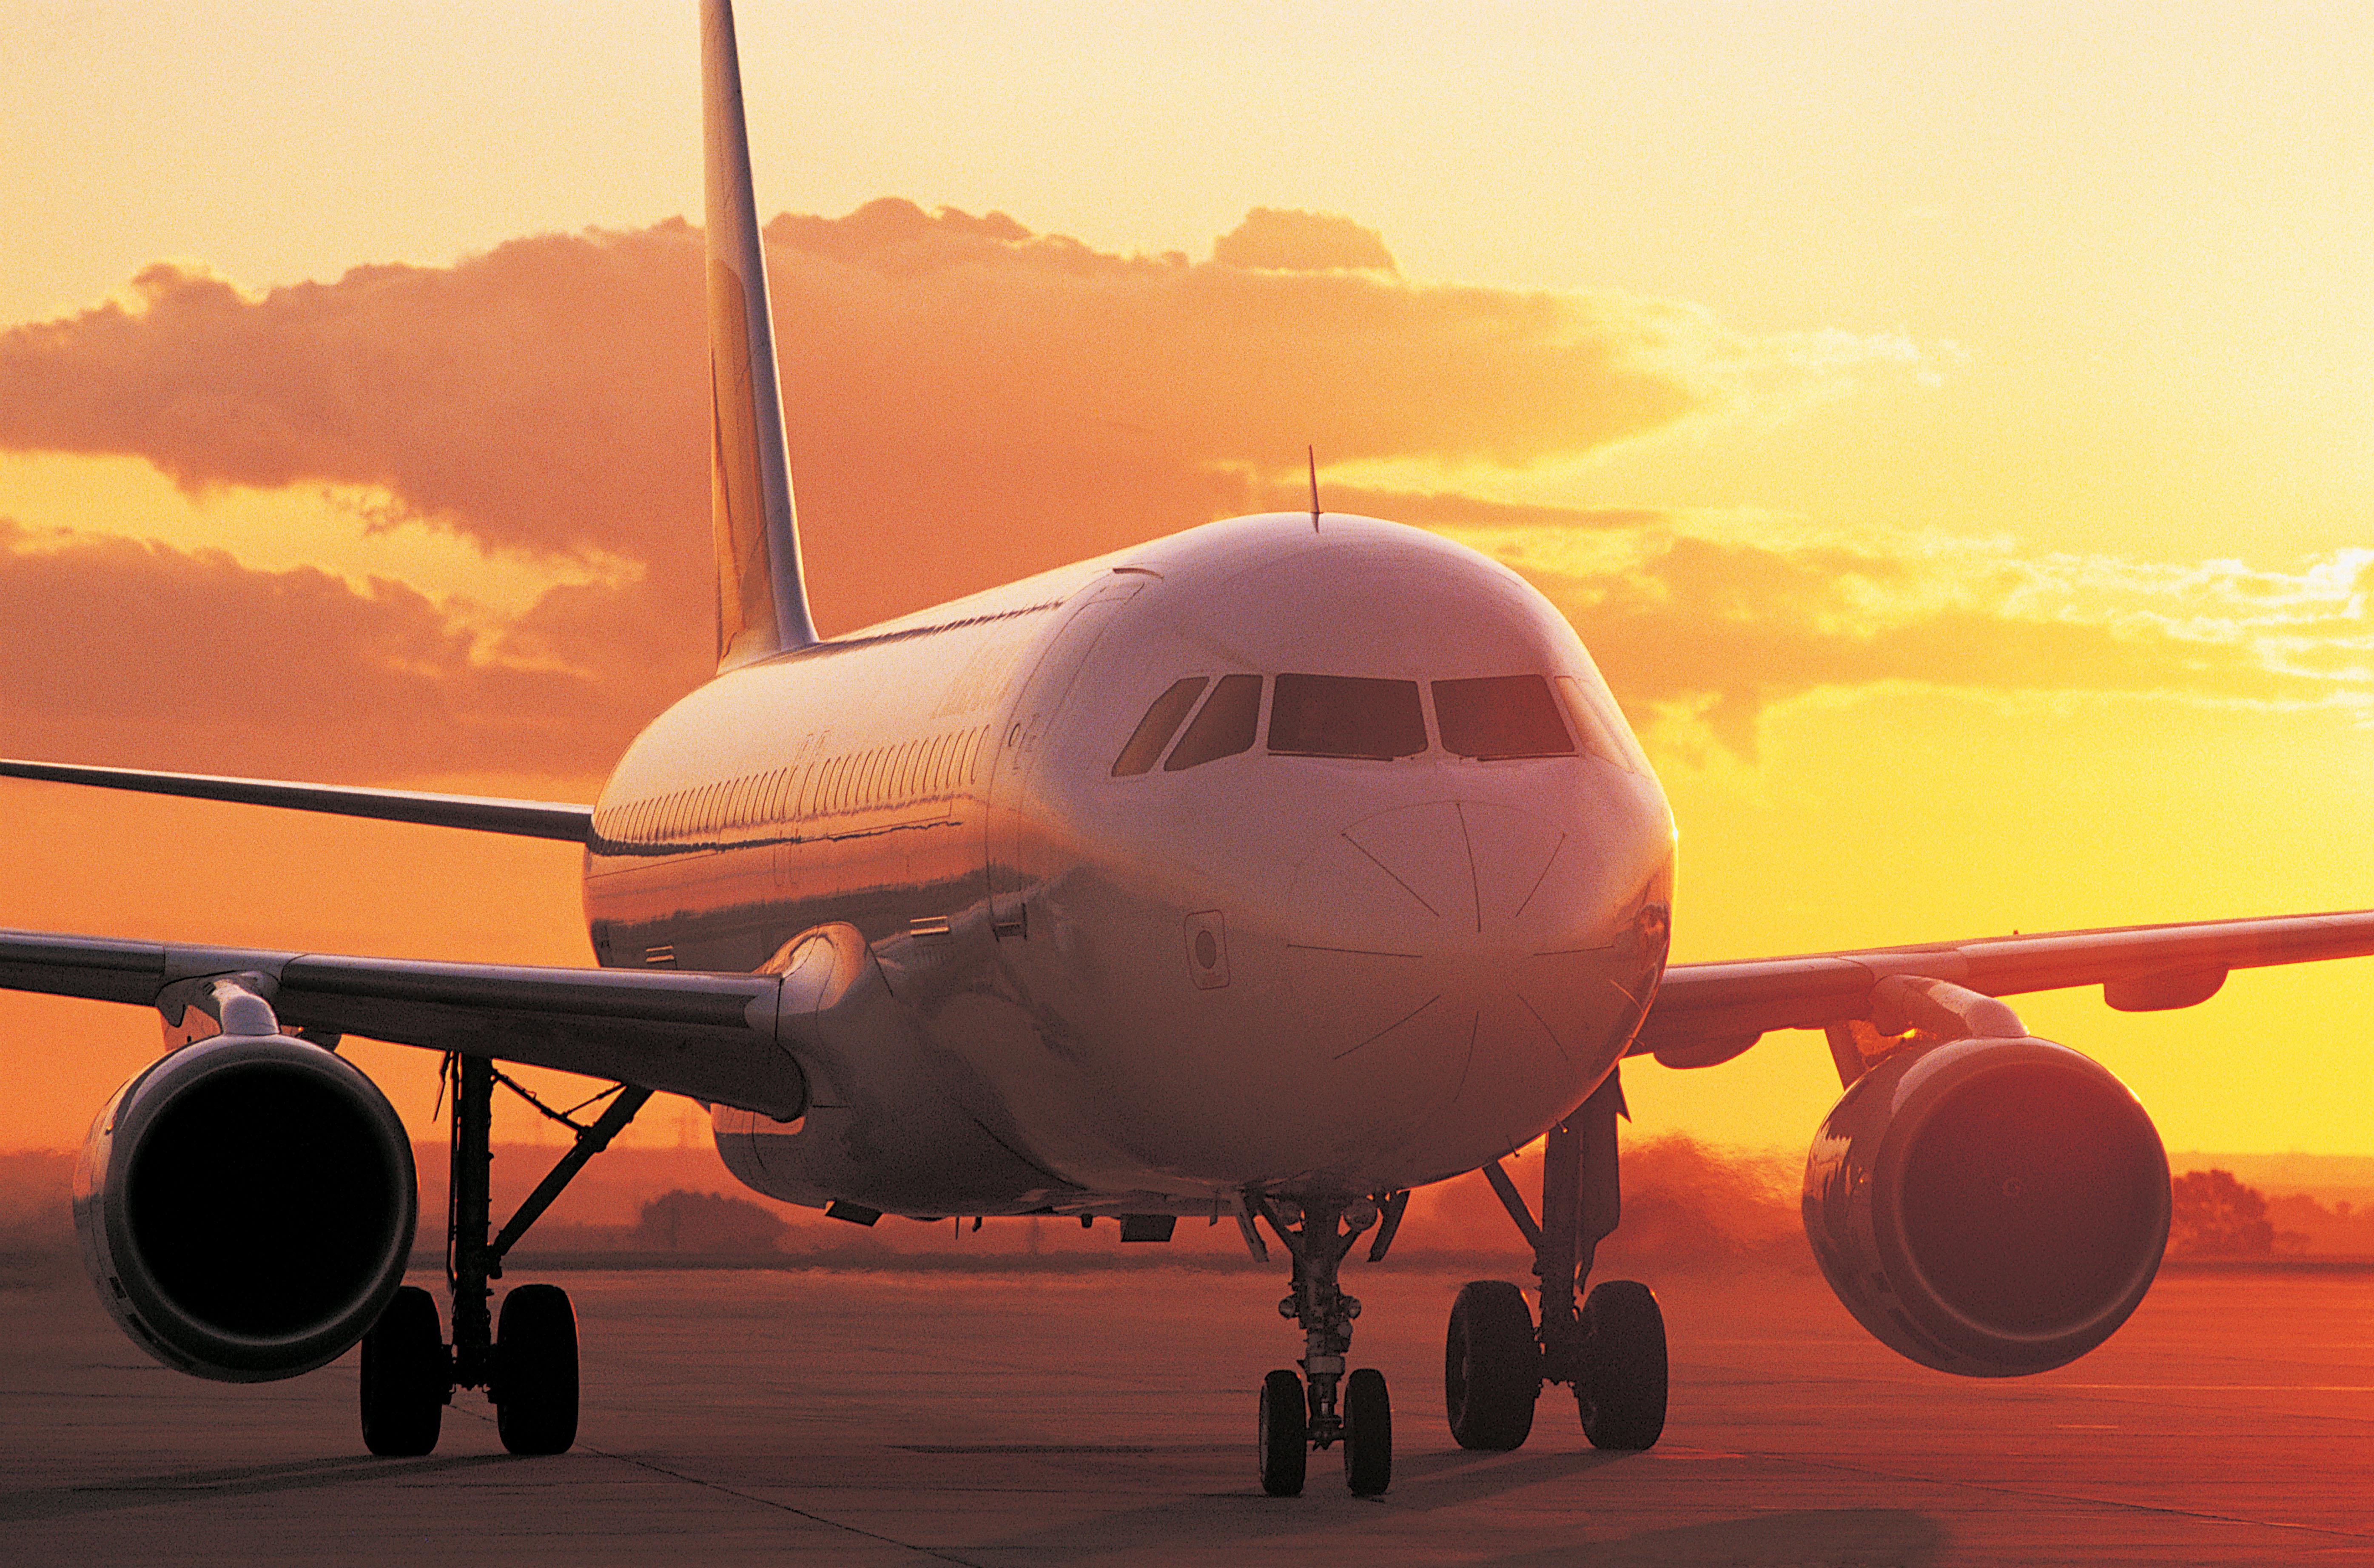 9b5e0eb43b250 Dolayısıyla da bir uçuş kültürü oluştu. Bu kültüre de adapte olup, en rahat  şekilde uçak yolculuğu yapmak için yapmanız gerekenler